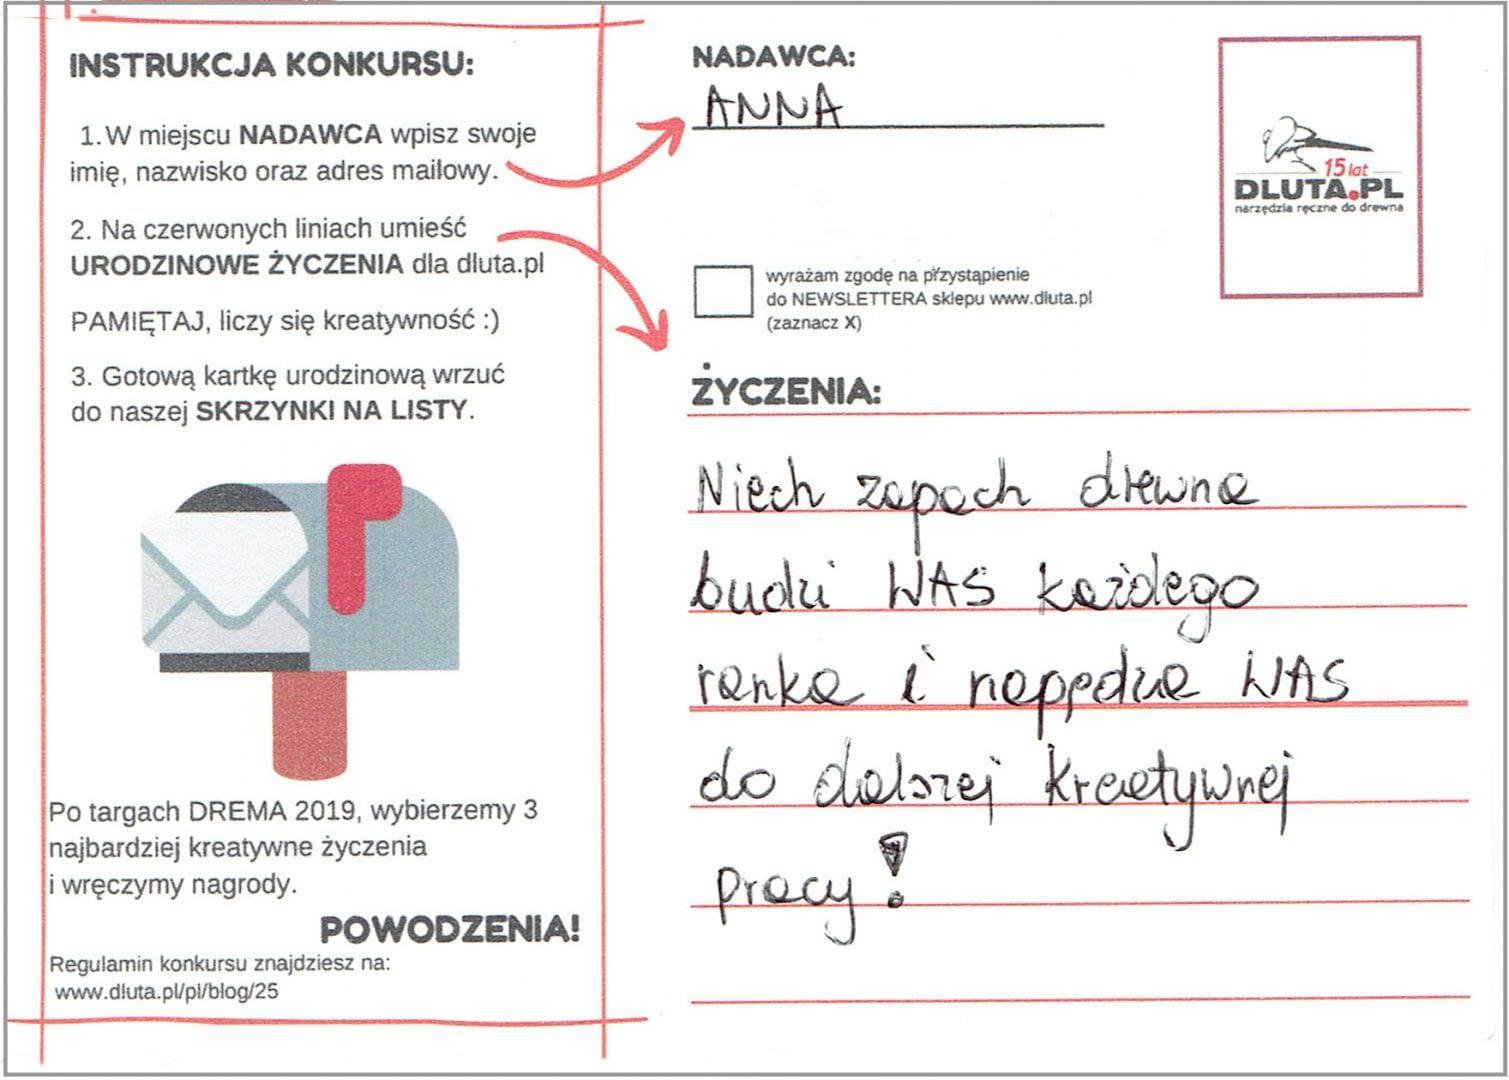 dlutapl-targi-drema2019-konkurs-urodzinowy-mijesce-trzecie